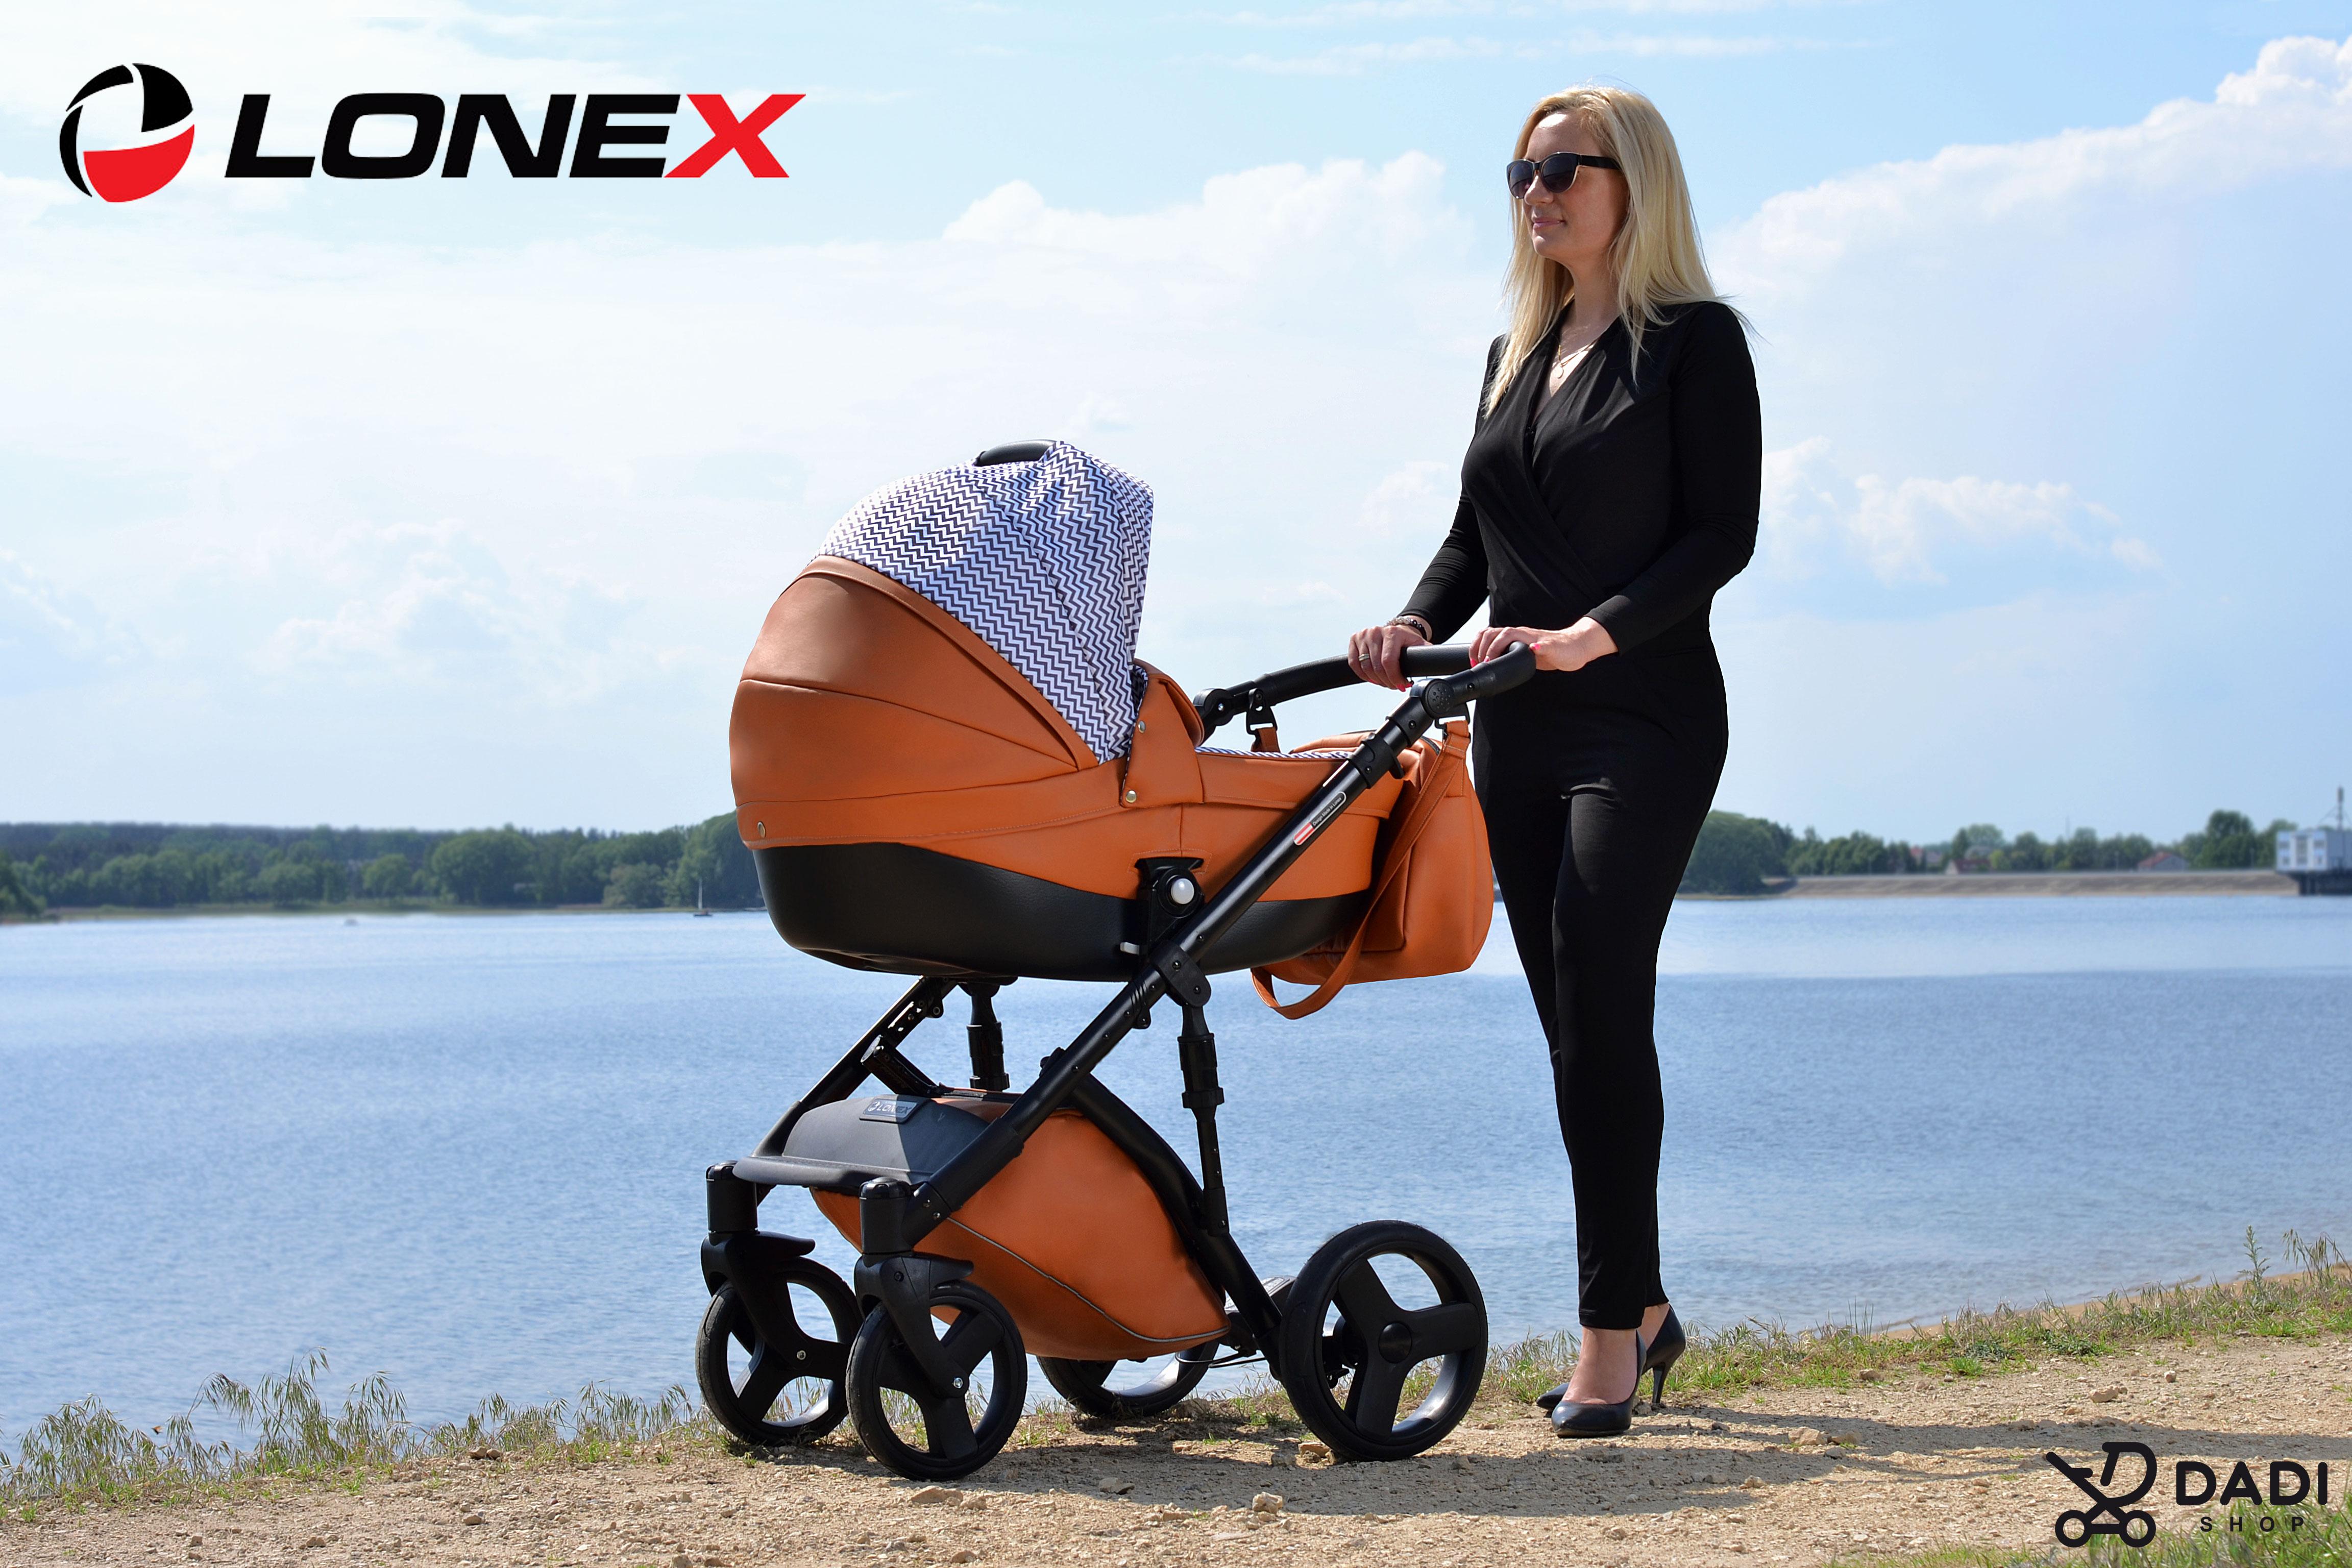 Lonex dziecięce wózki wielofunkcyjne